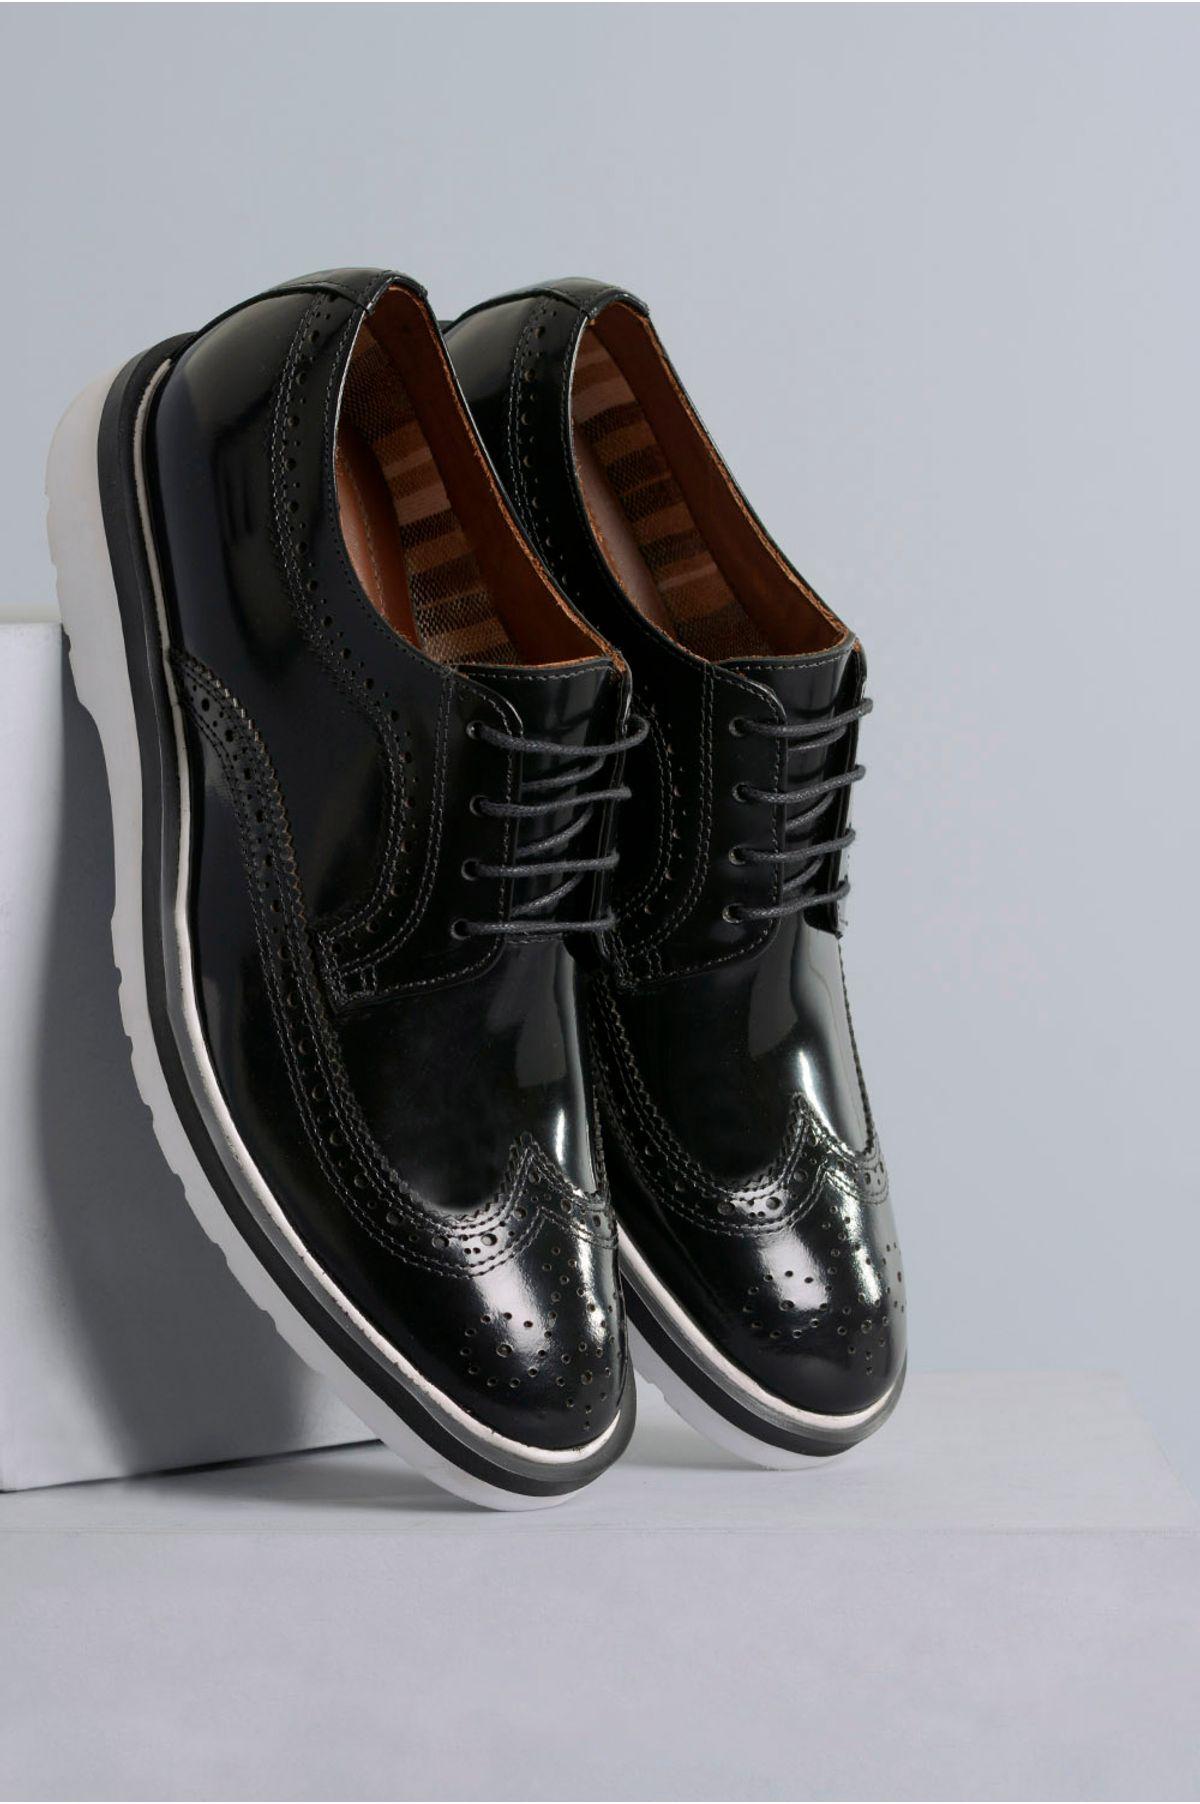 0b2b02f55e Sapato Masculino Eduardo Mundial CR-PRETO - Mundial Calçados